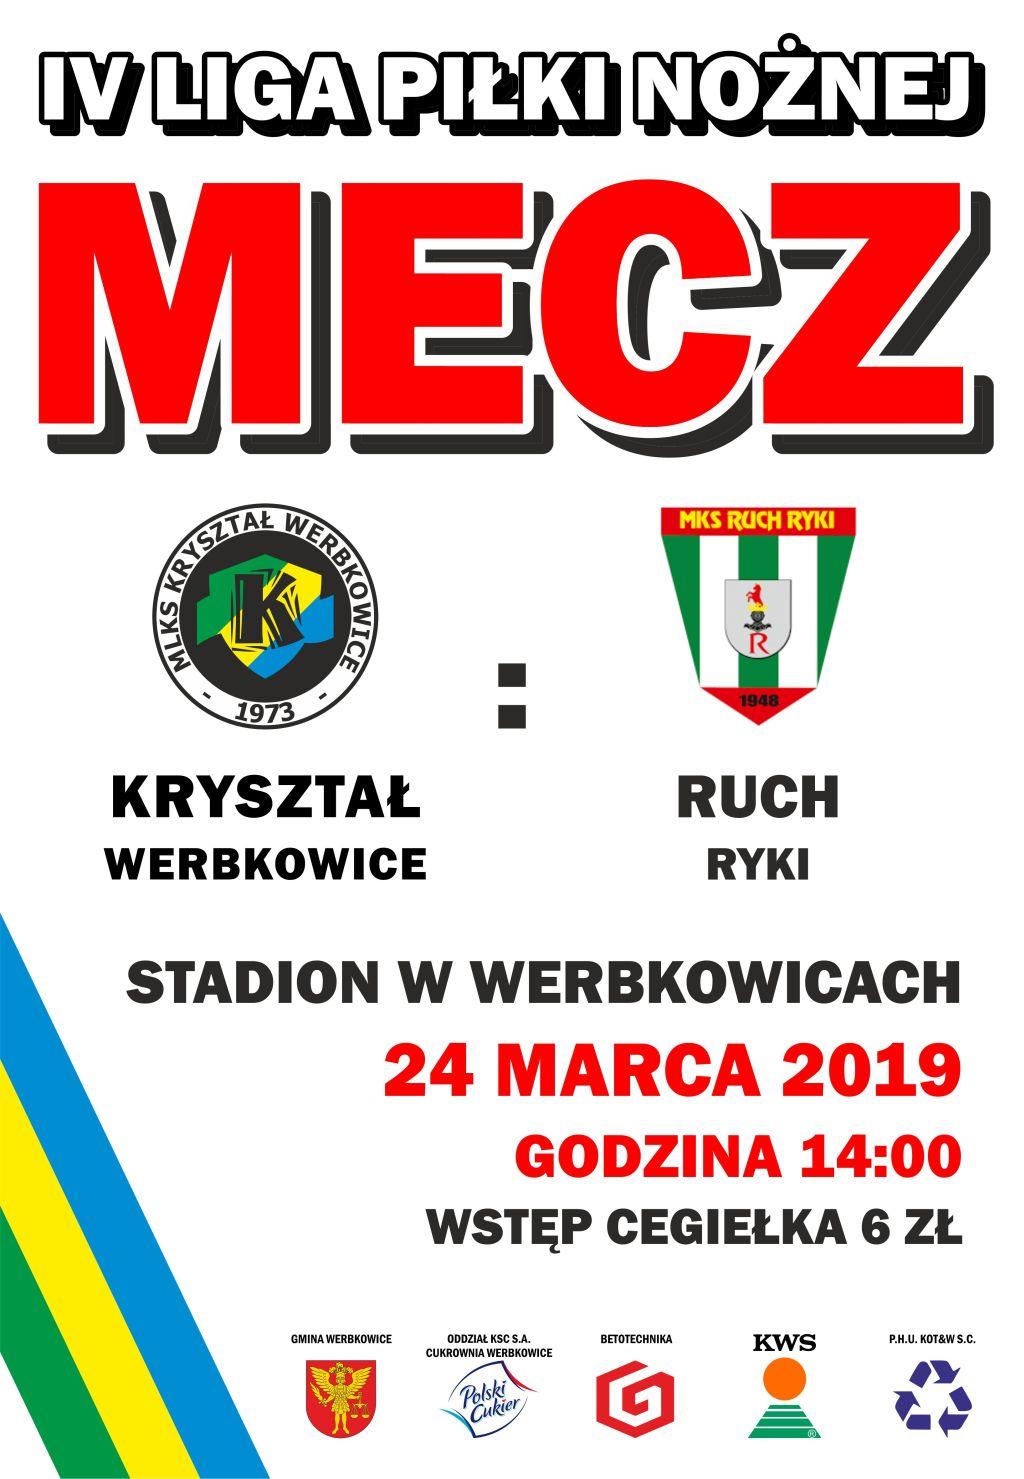 IV liga piłki nożnej - Mecz Kryształ Werbkowice